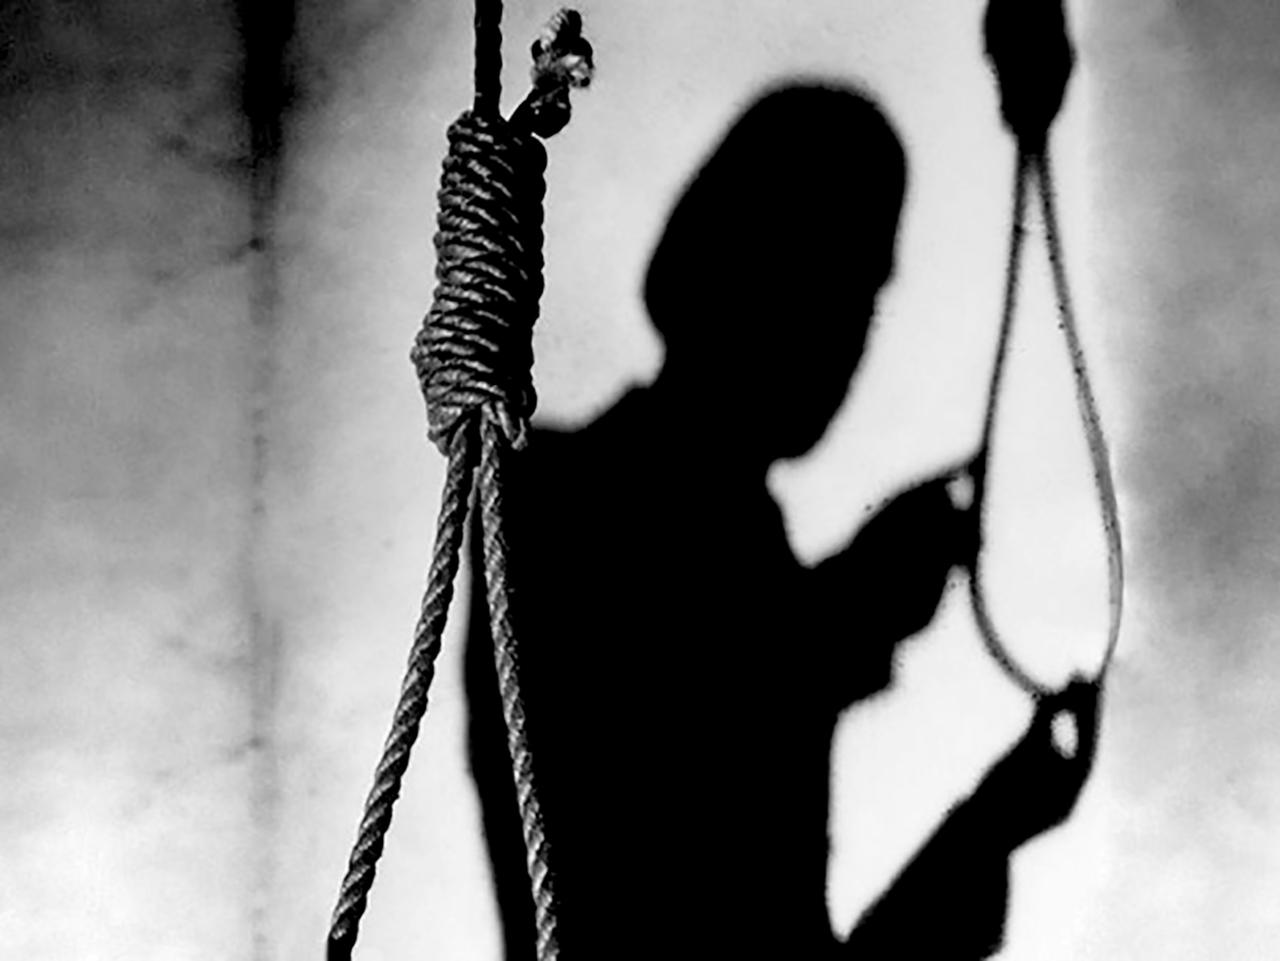 Не выдержал психологического напряжения: сотрудник колонии пытался покончить с собой в Оскемене